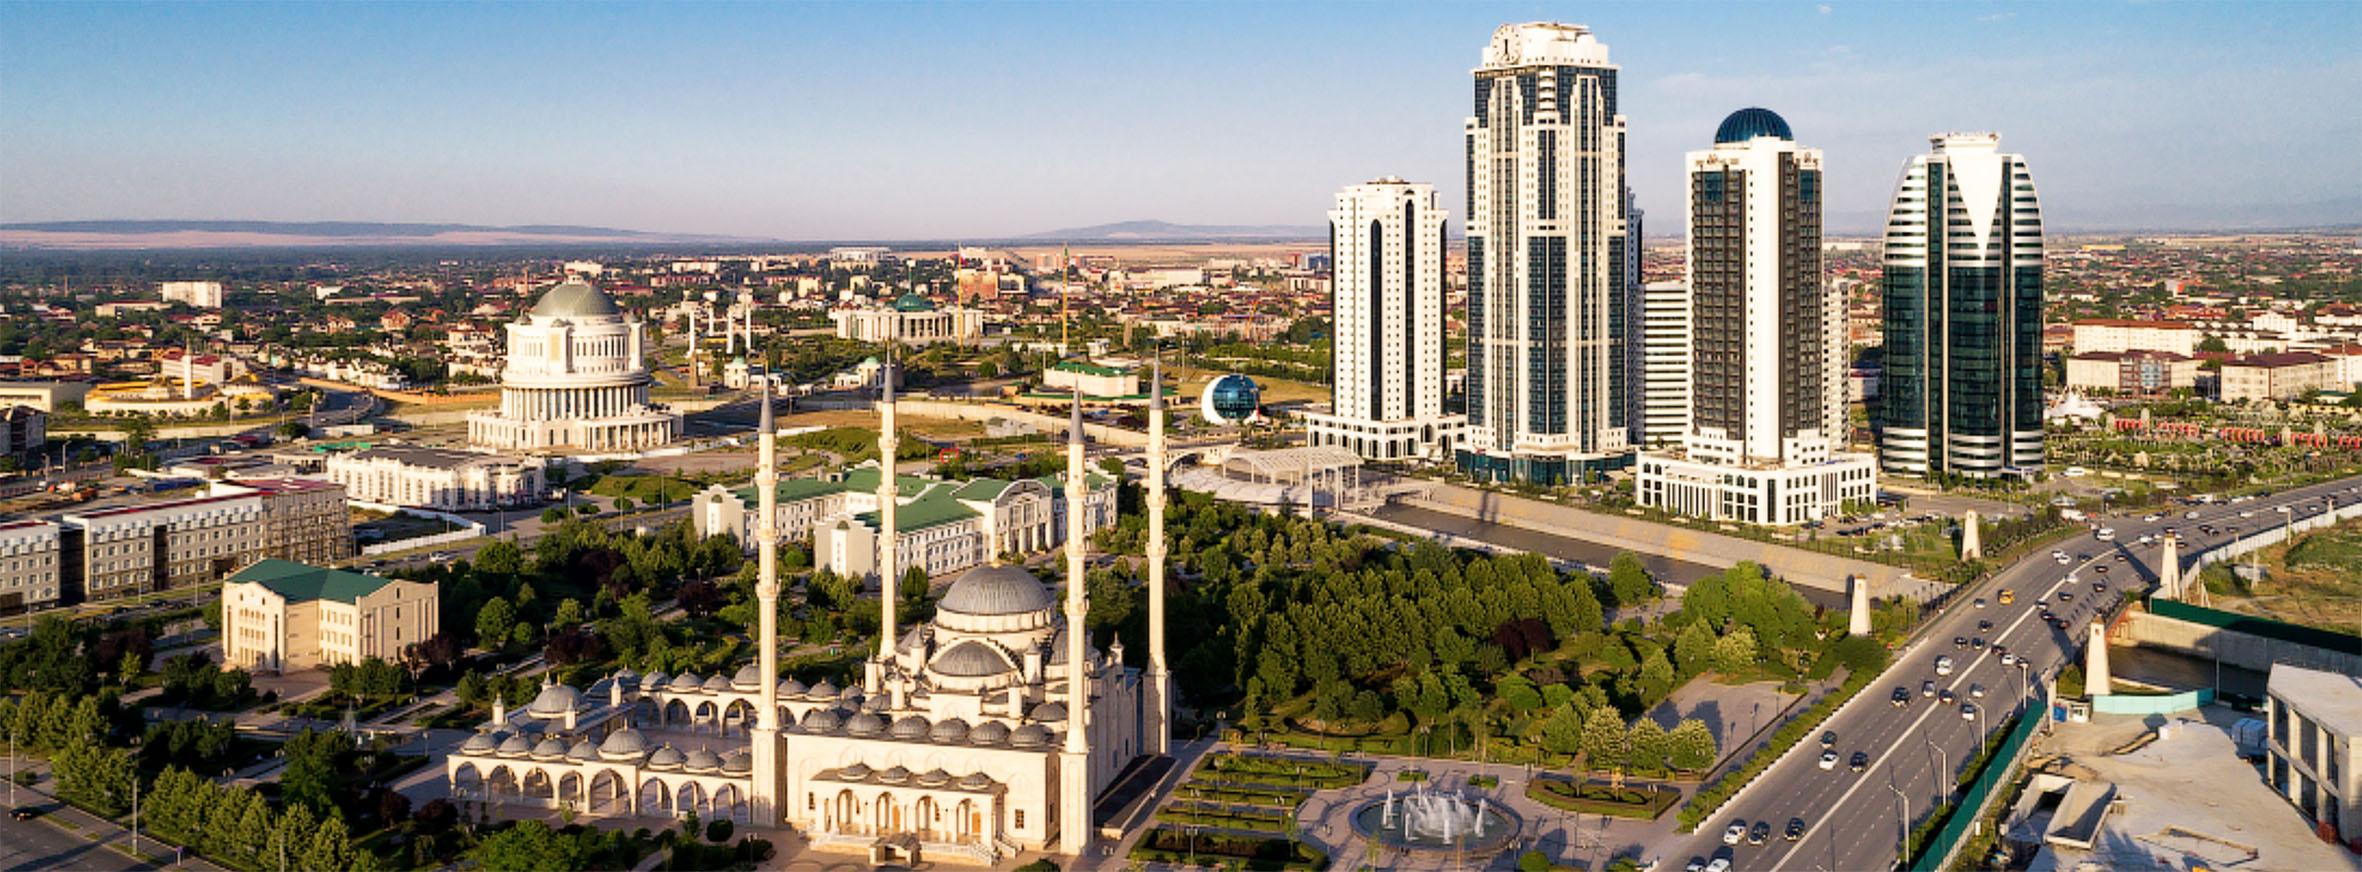 Реклама на щитах 3х6 в Чечне город